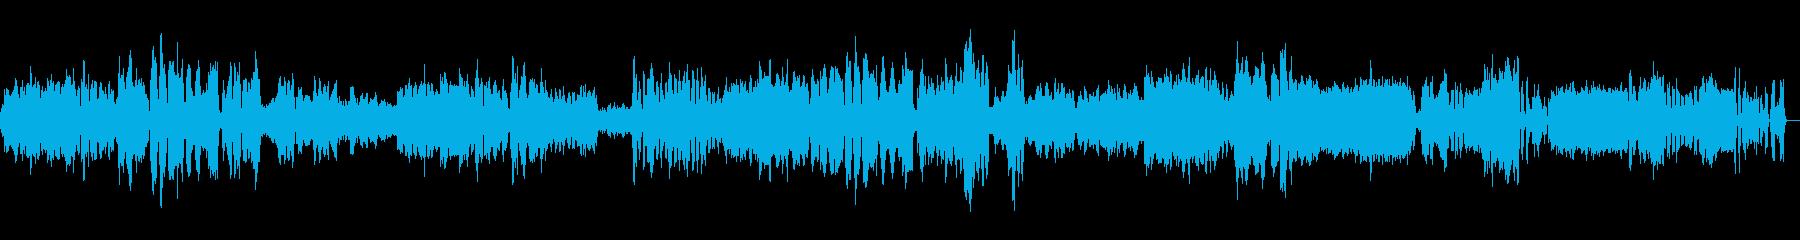 ベートーベン弦楽四重奏第15番第5楽章の再生済みの波形